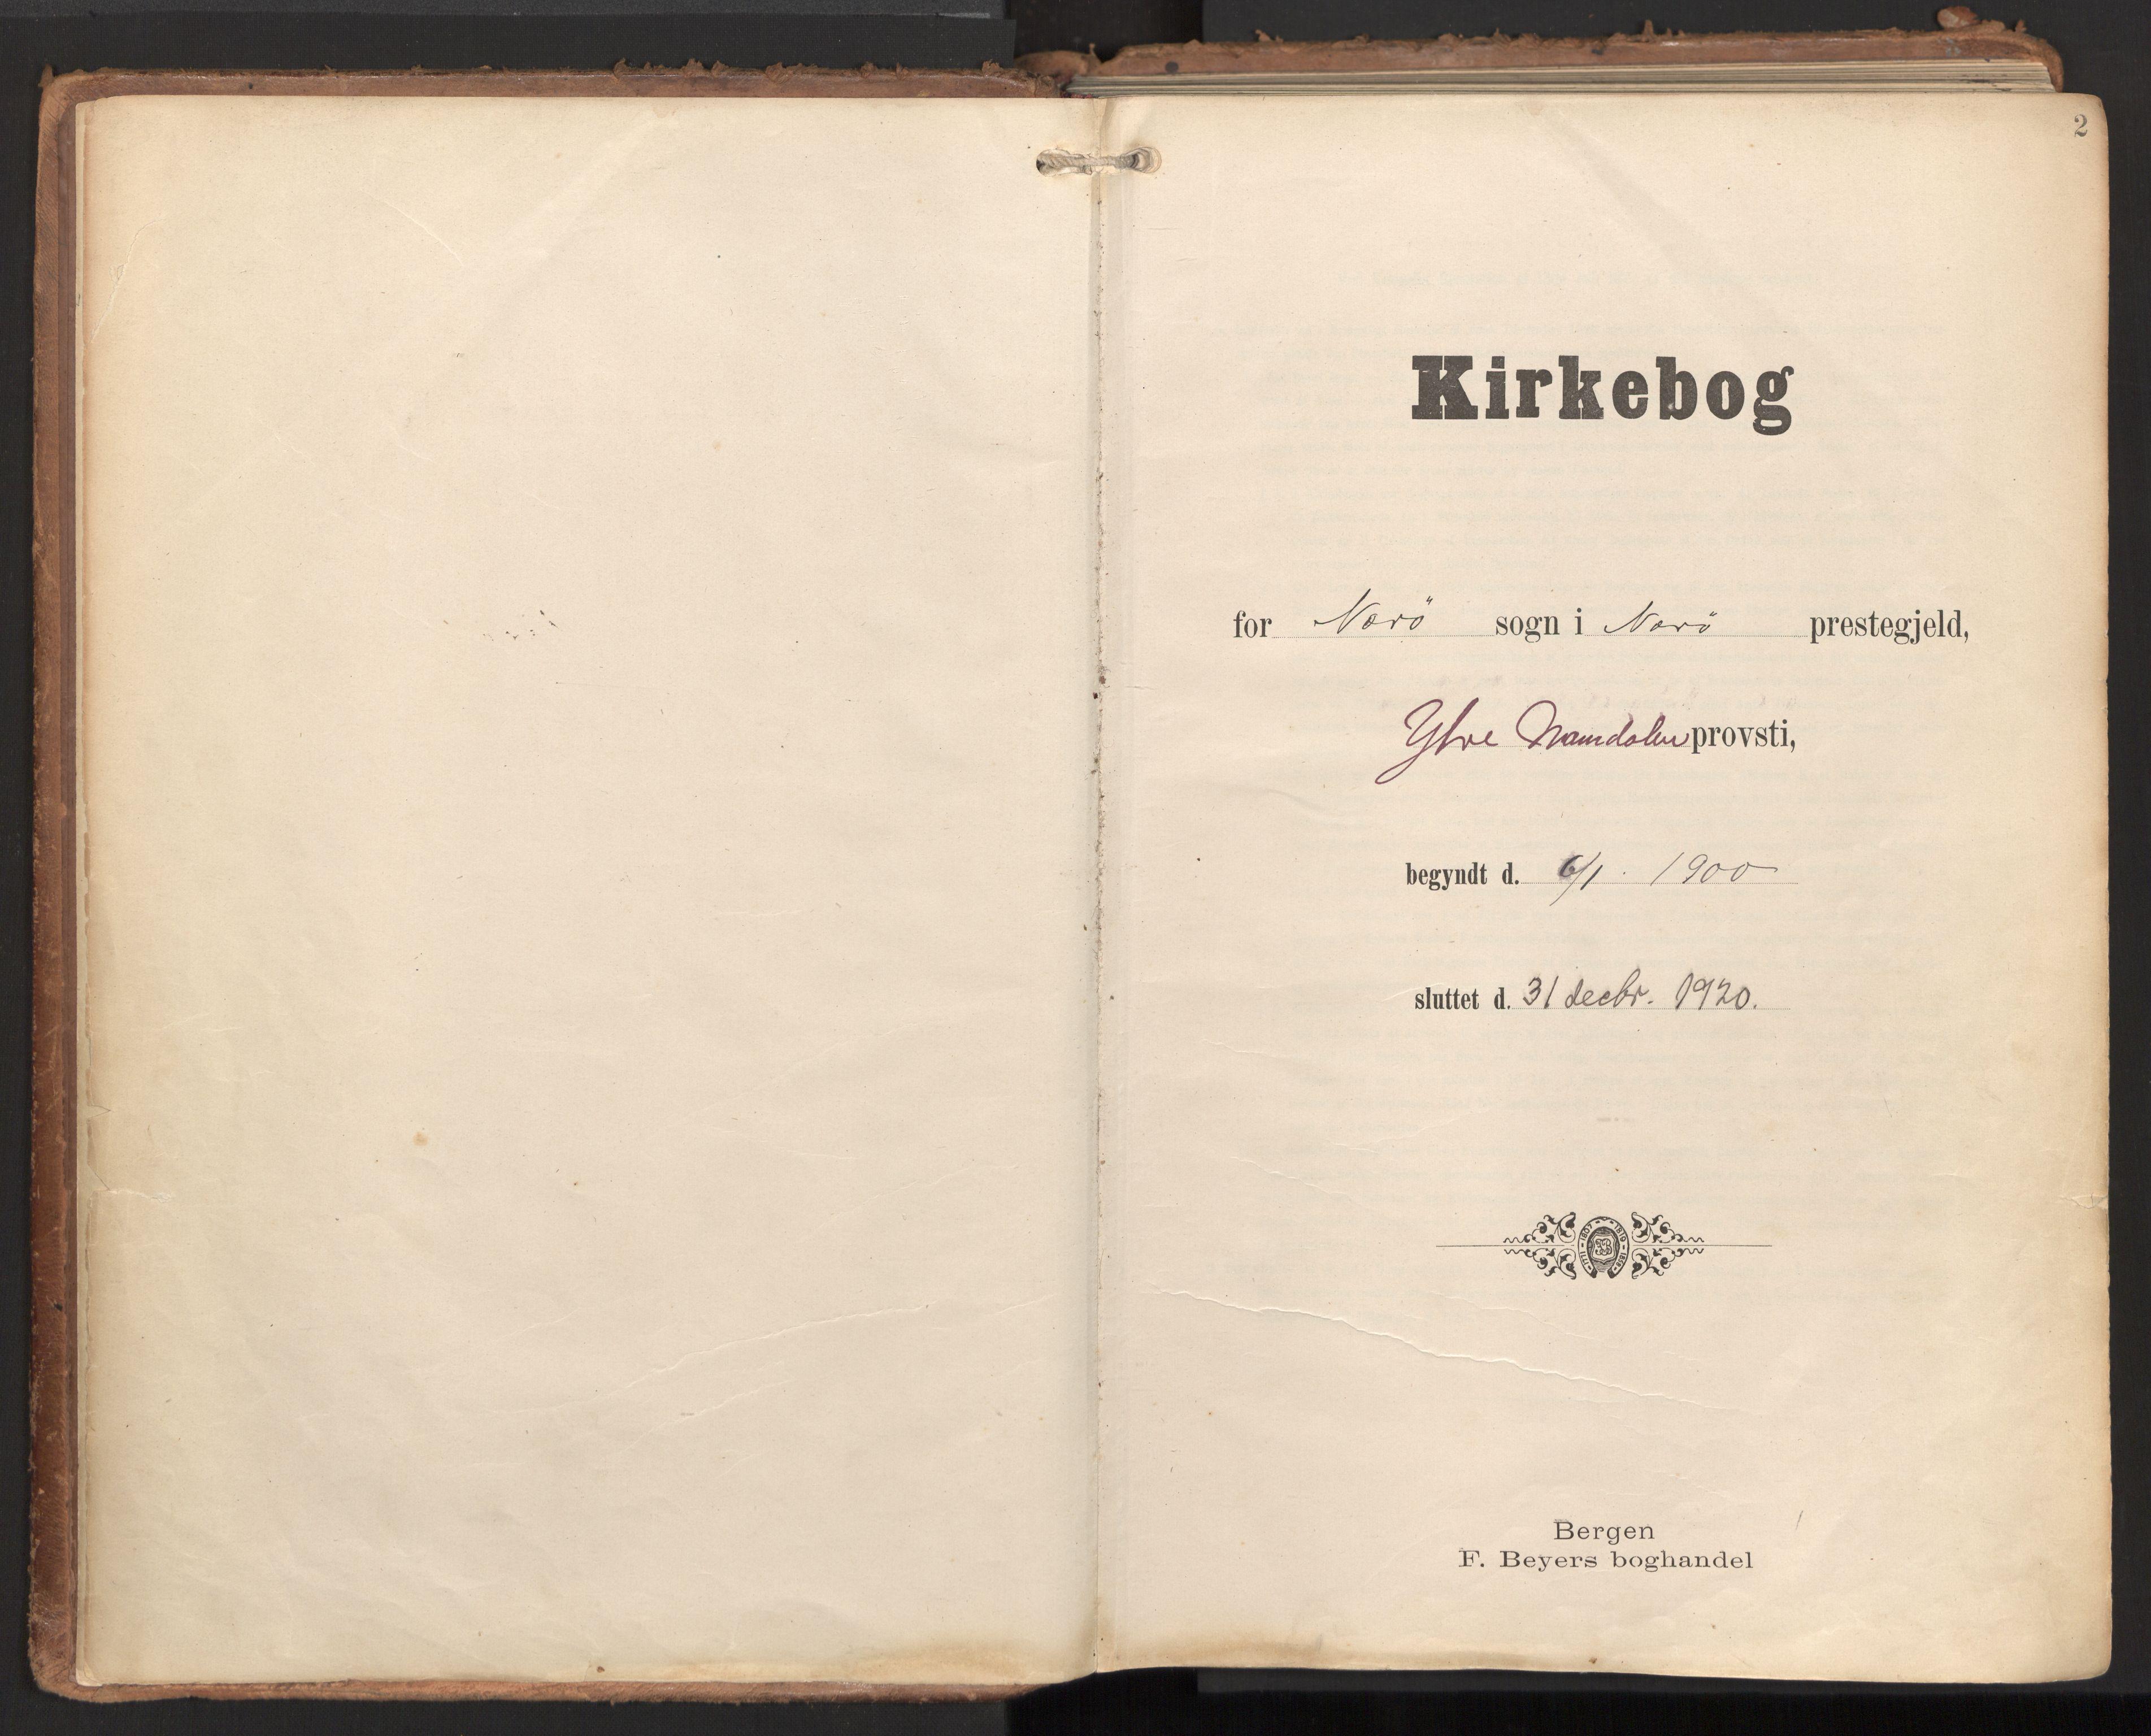 SAT, Ministerialprotokoller, klokkerbøker og fødselsregistre - Nord-Trøndelag, 784/L0677: Ministerialbok nr. 784A12, 1900-1920, s. 2